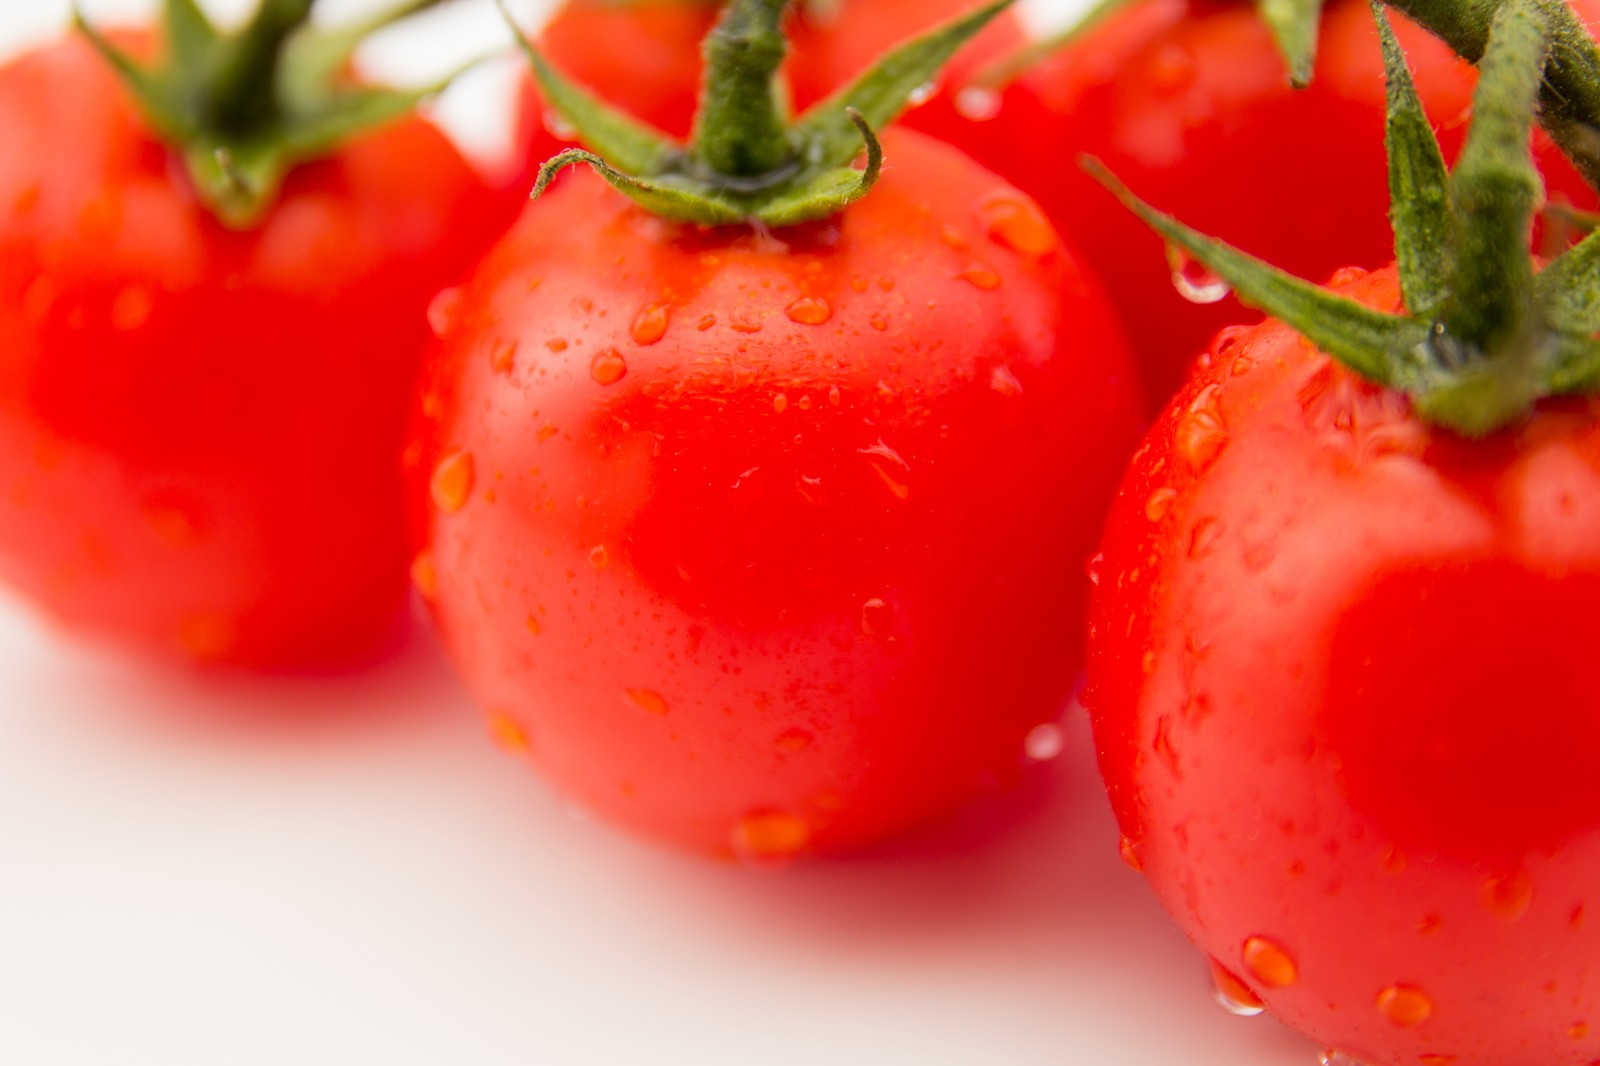 「フレッシュな赤いミニトマト」の写真